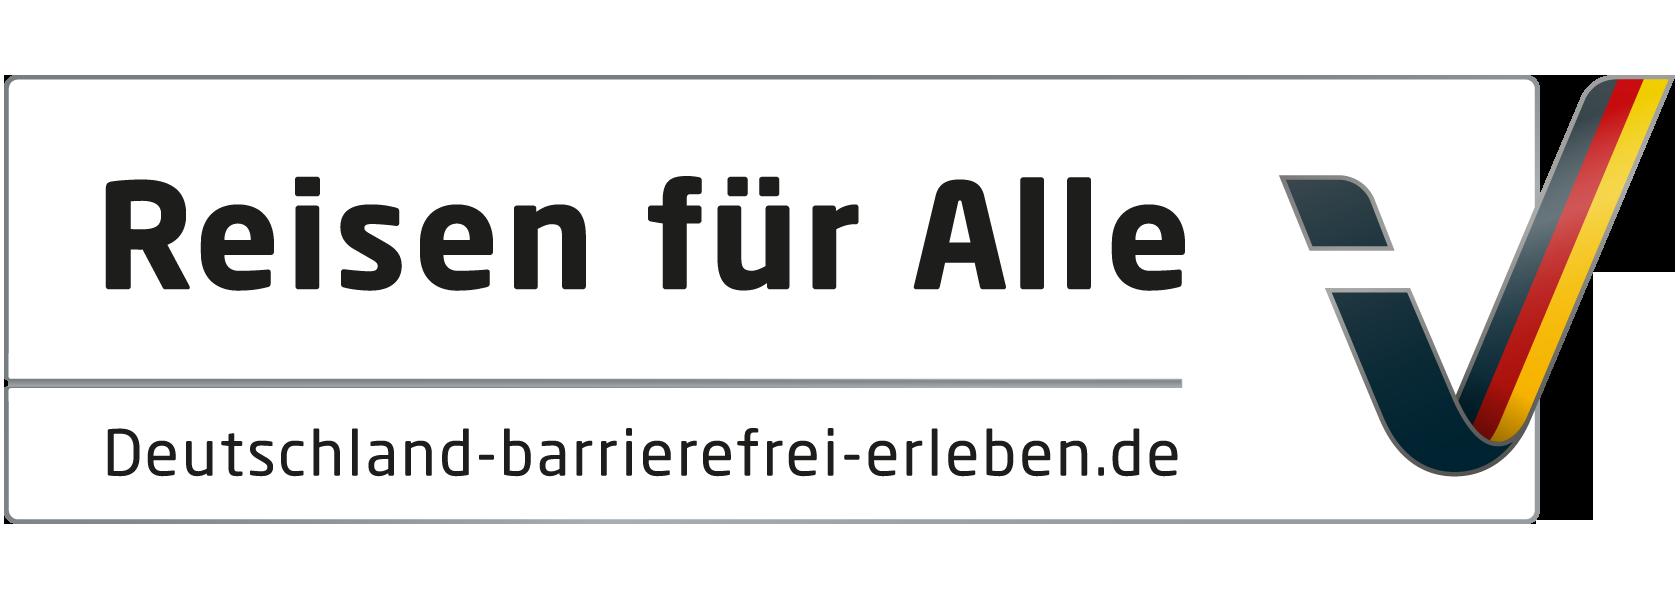 Das offizielle Logo des Projektes Reisen für Alle